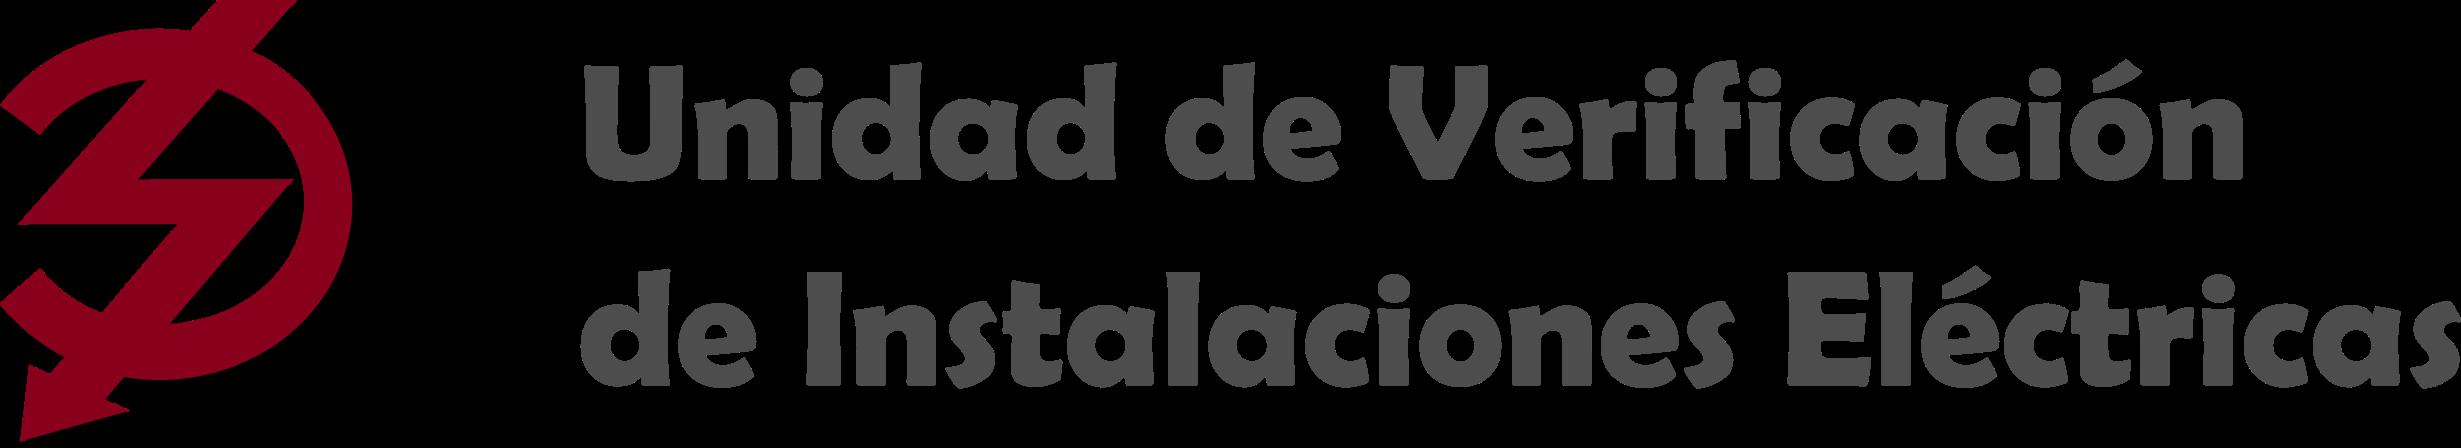 www.uvieguanajuato.com